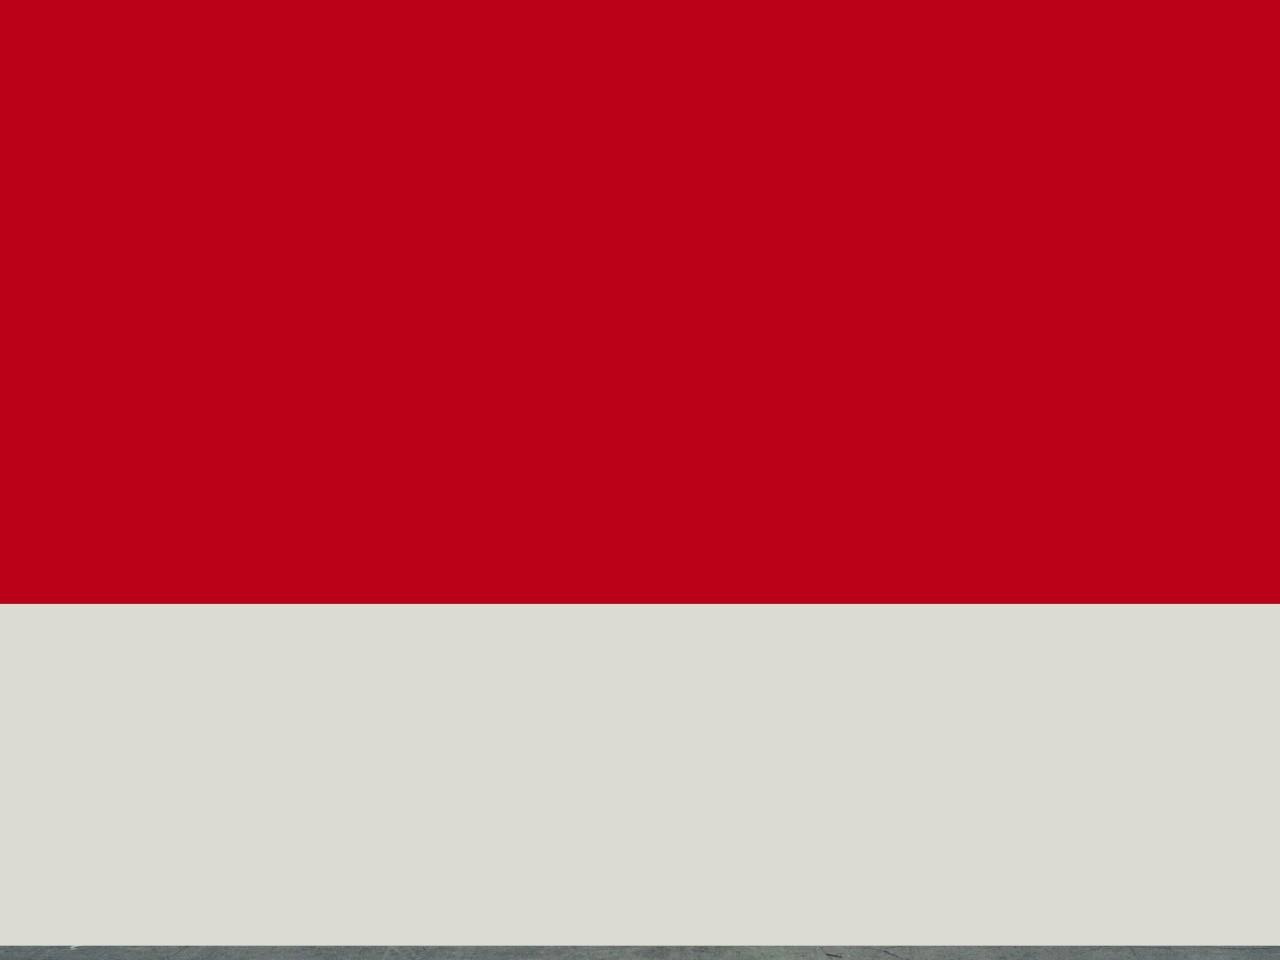 株式会社トヨトミ名古屋支店